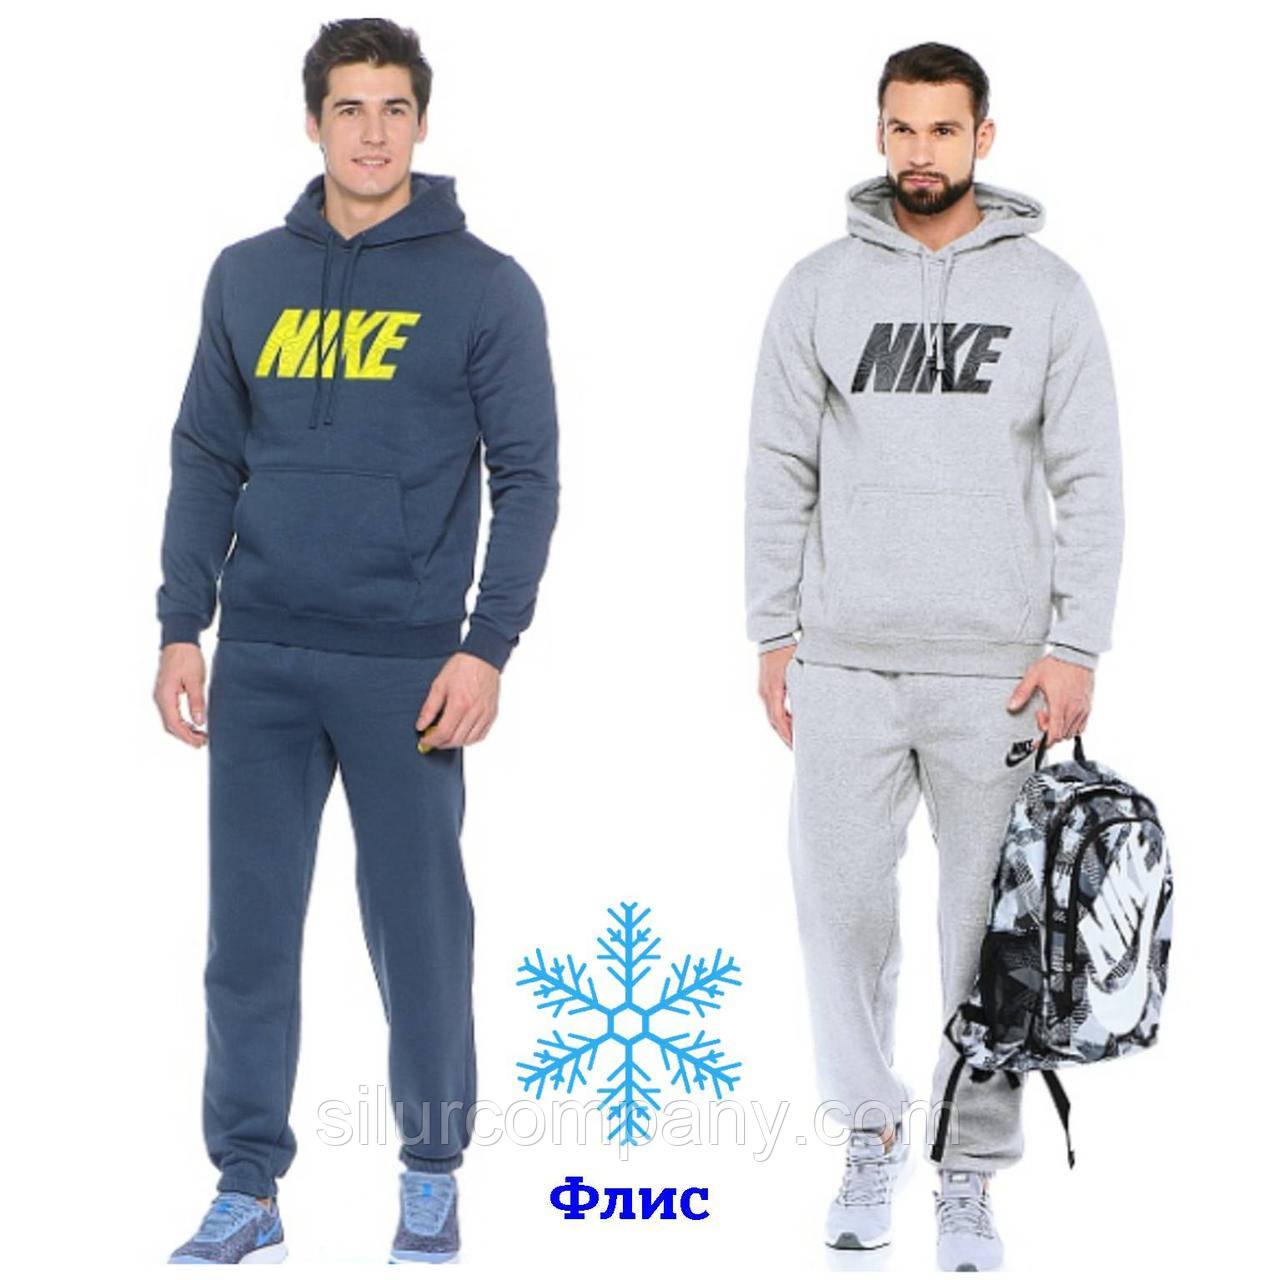 Мужской спортивный костюм Nike с начесом - Интернет магазин